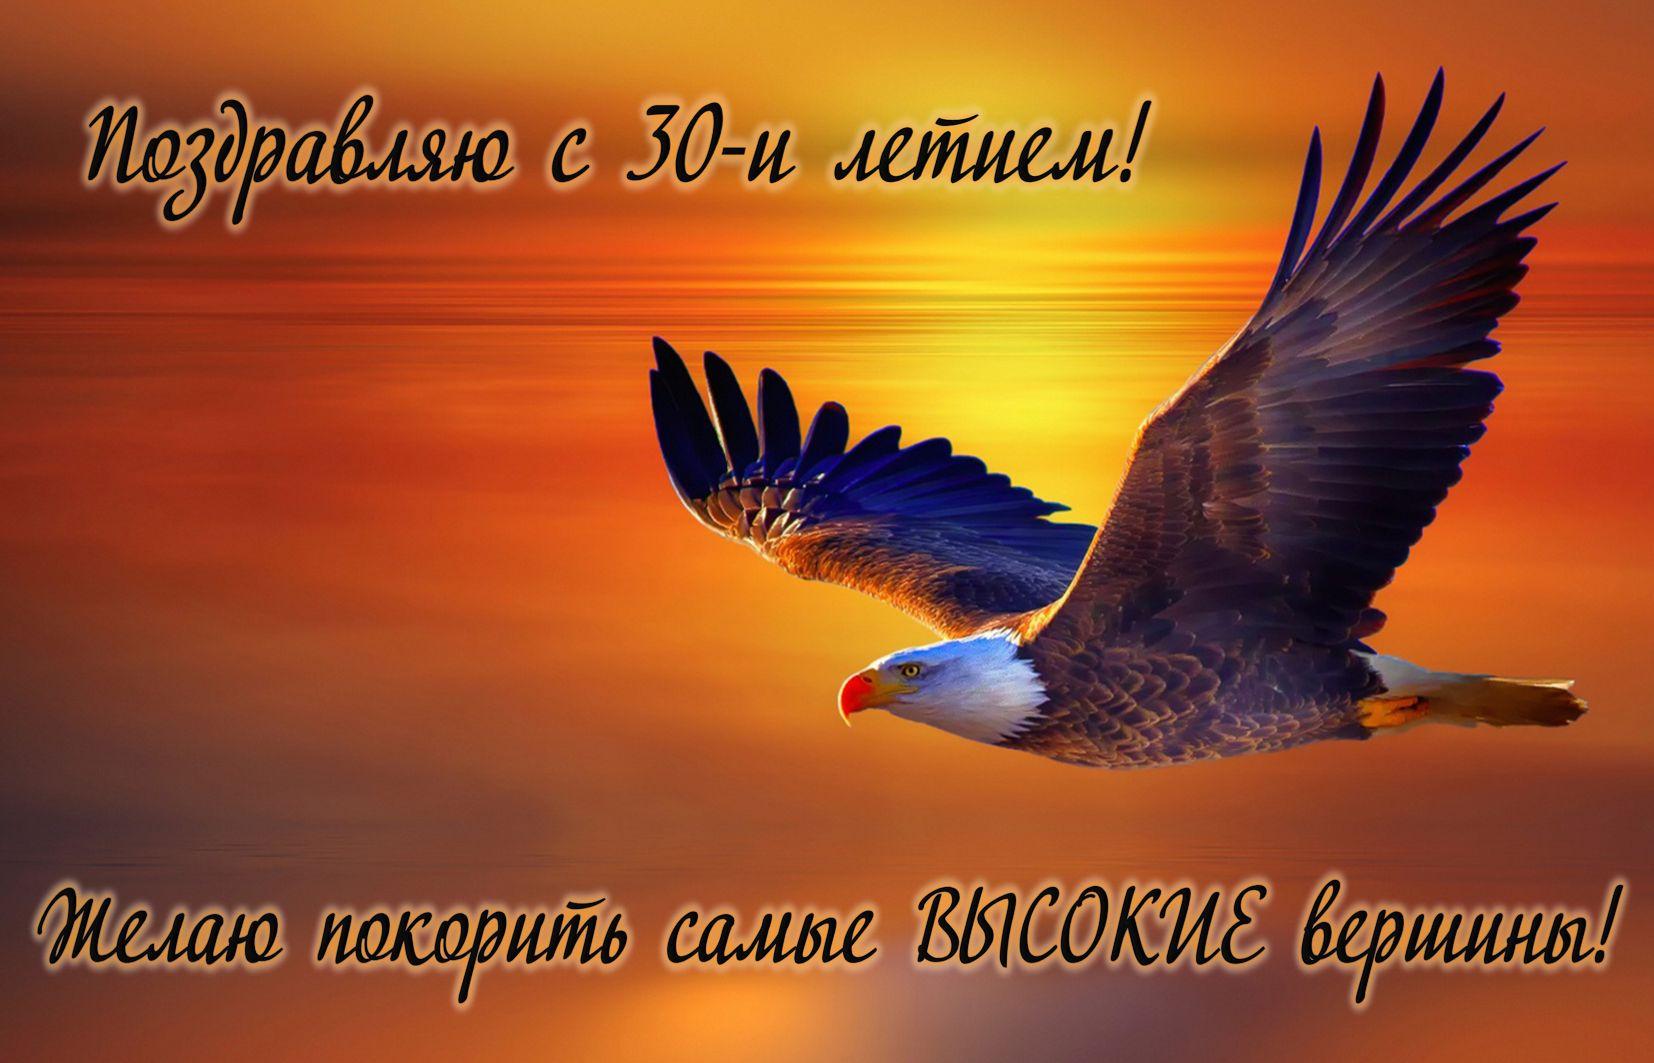 Открытка на юбилей 30 лет - орел летящий к высоким вершинам